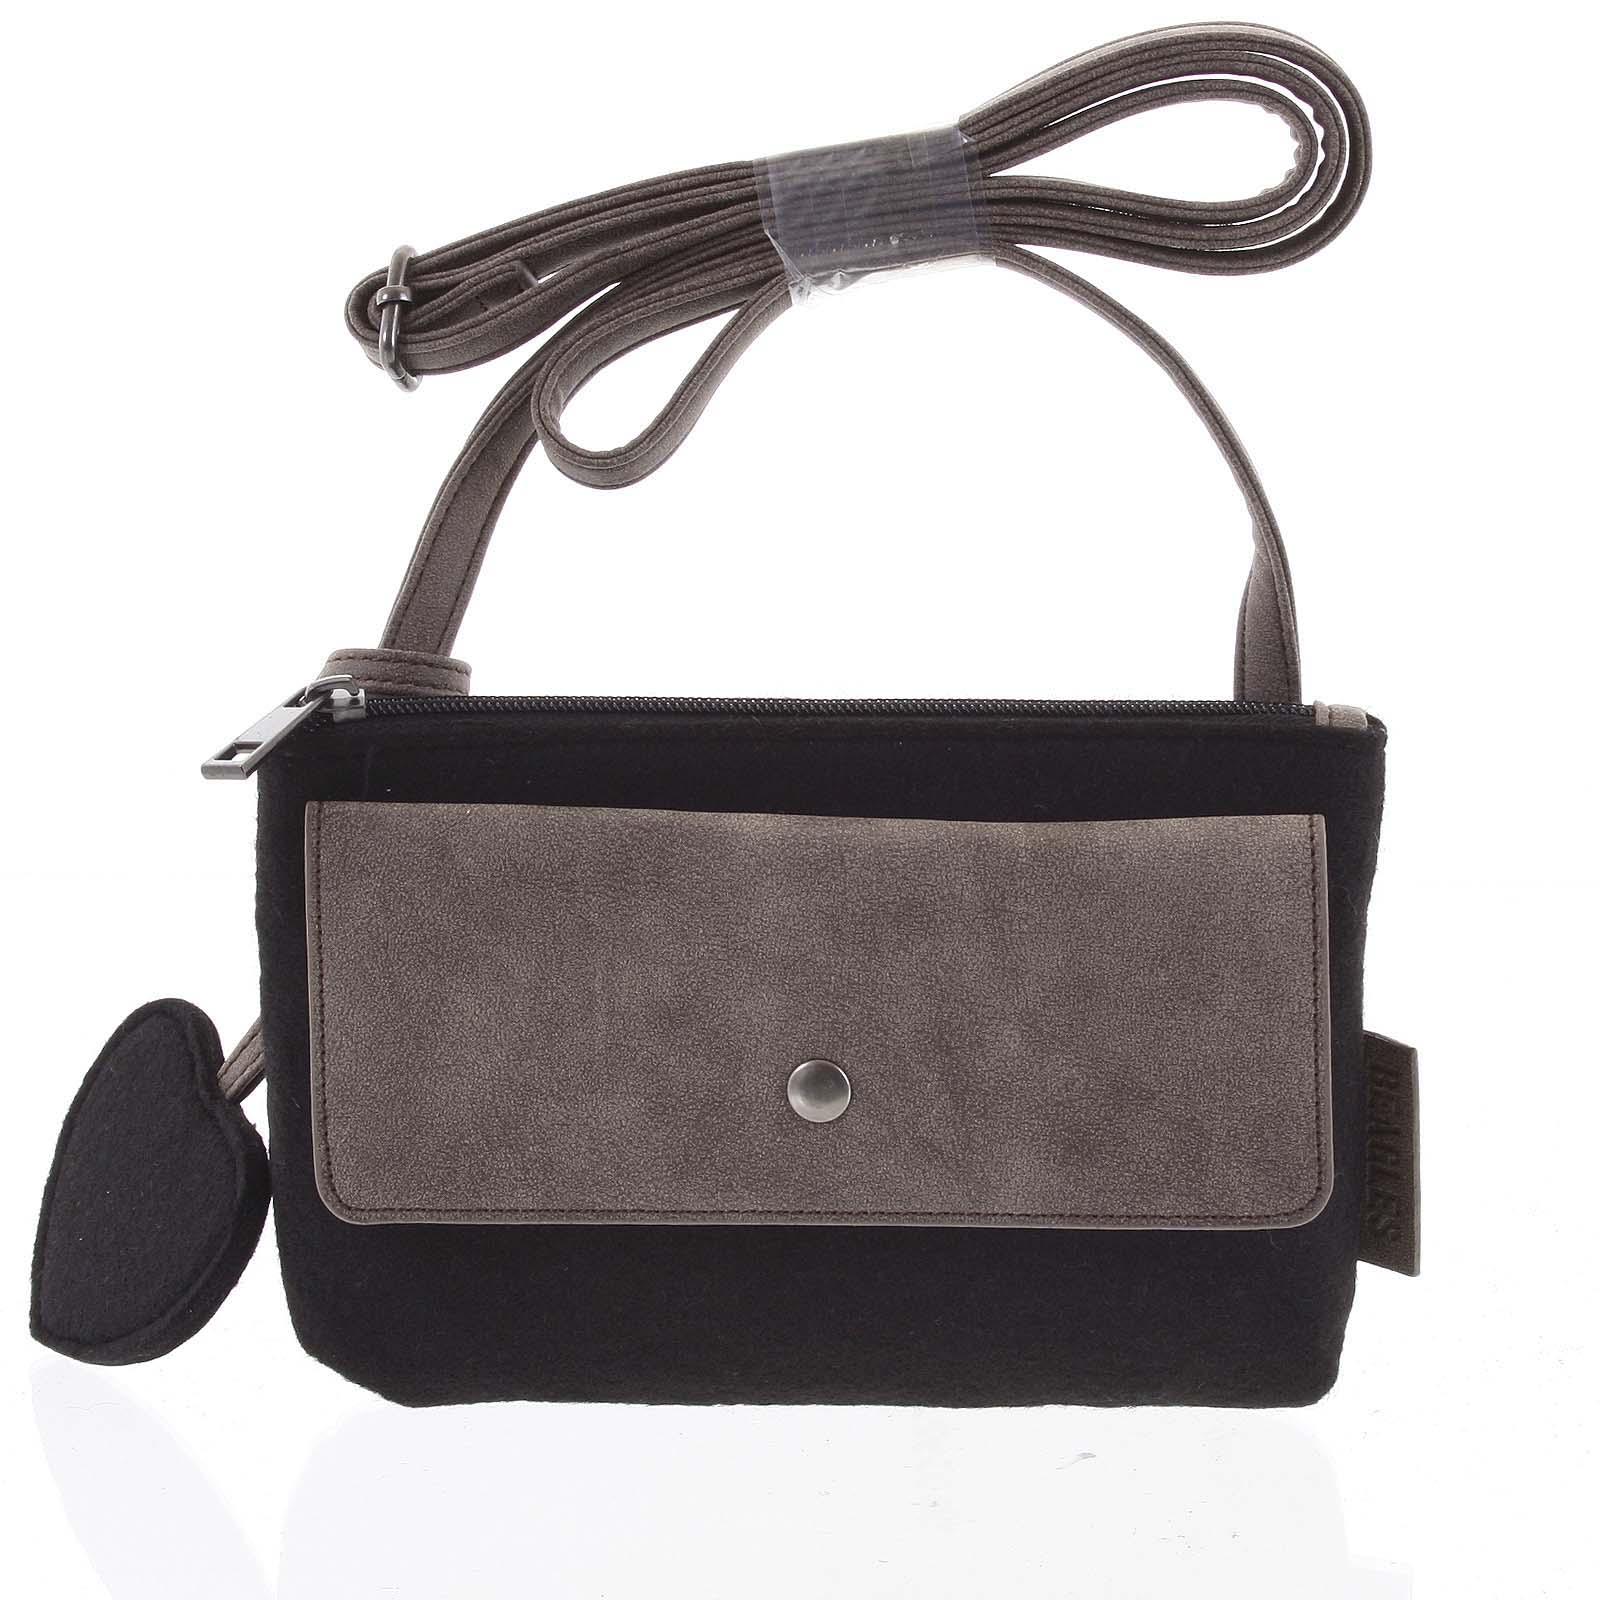 Filcová crossbody kabelka černá - Beagles Laser